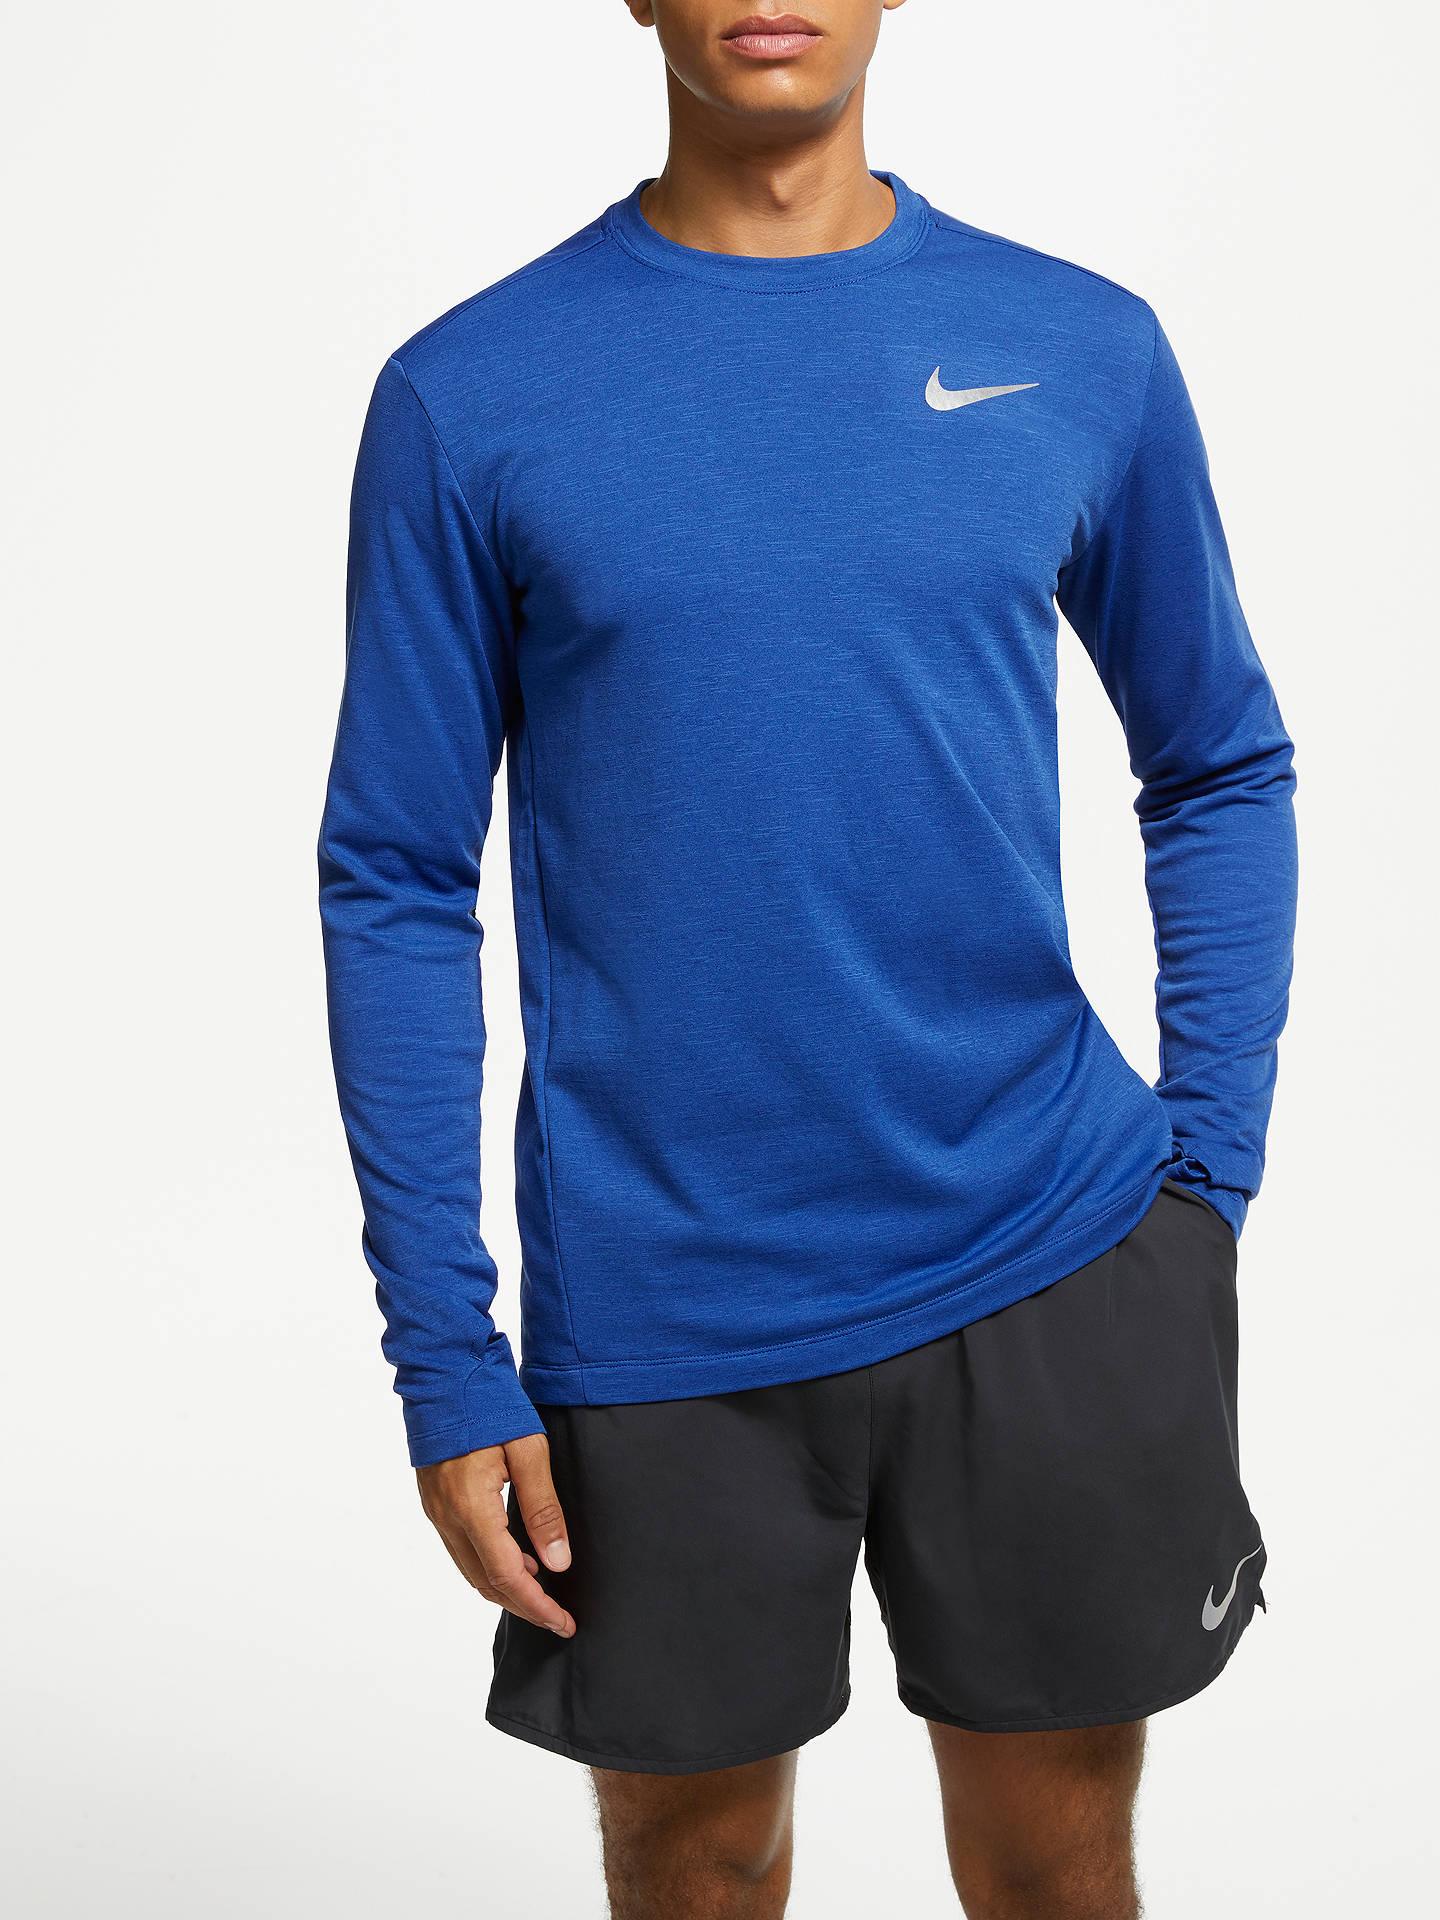 b4033788 Buy Nike Therma Sphere Element 2.0 Long Sleeve Running Top, Blue Void, S  Online ...